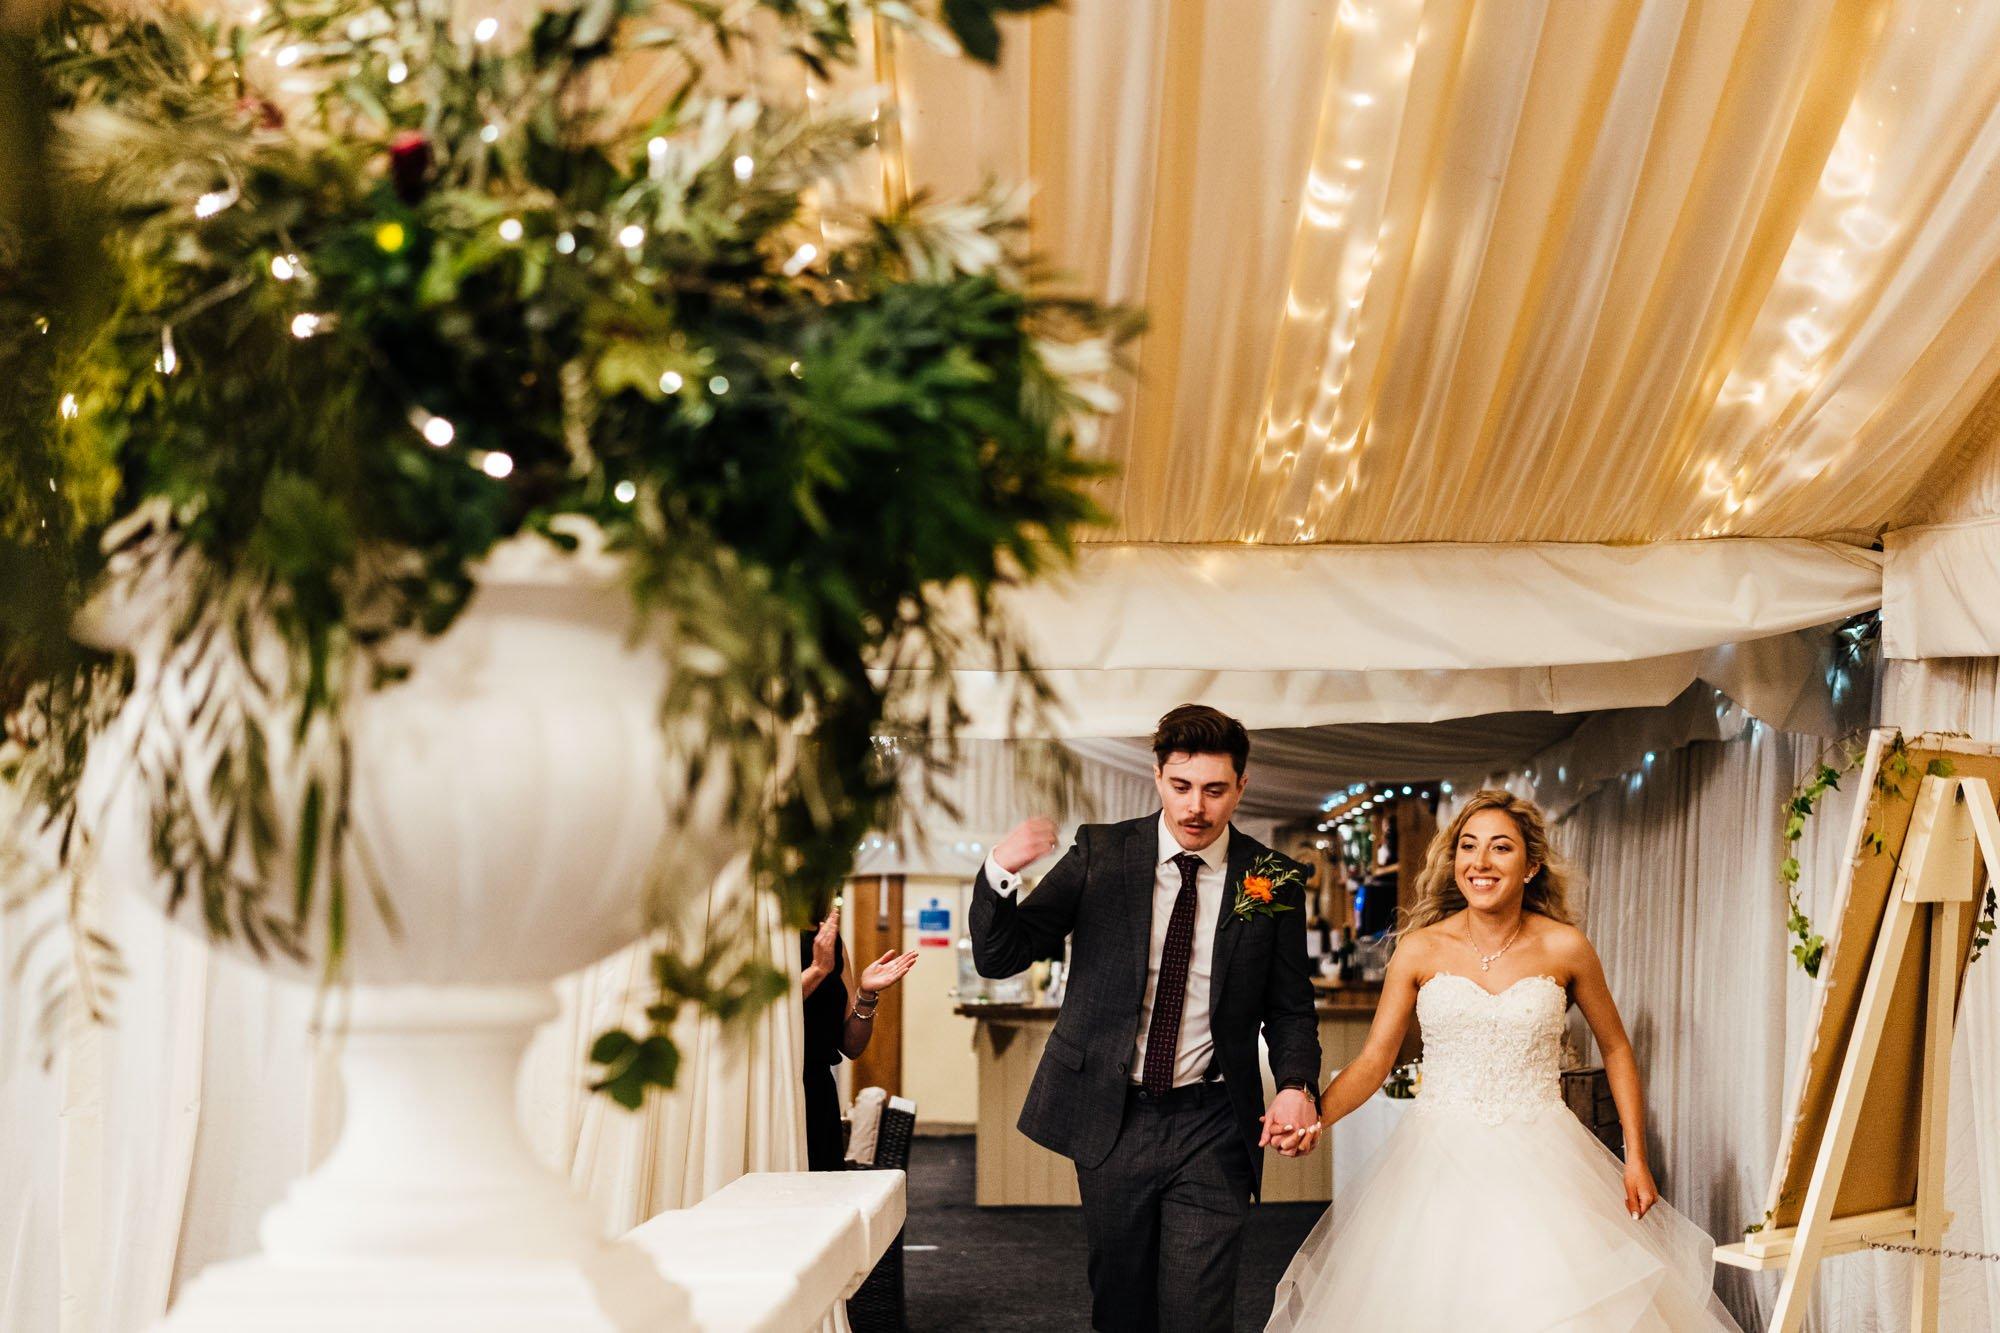 wedding-at-crockwell-farm-50